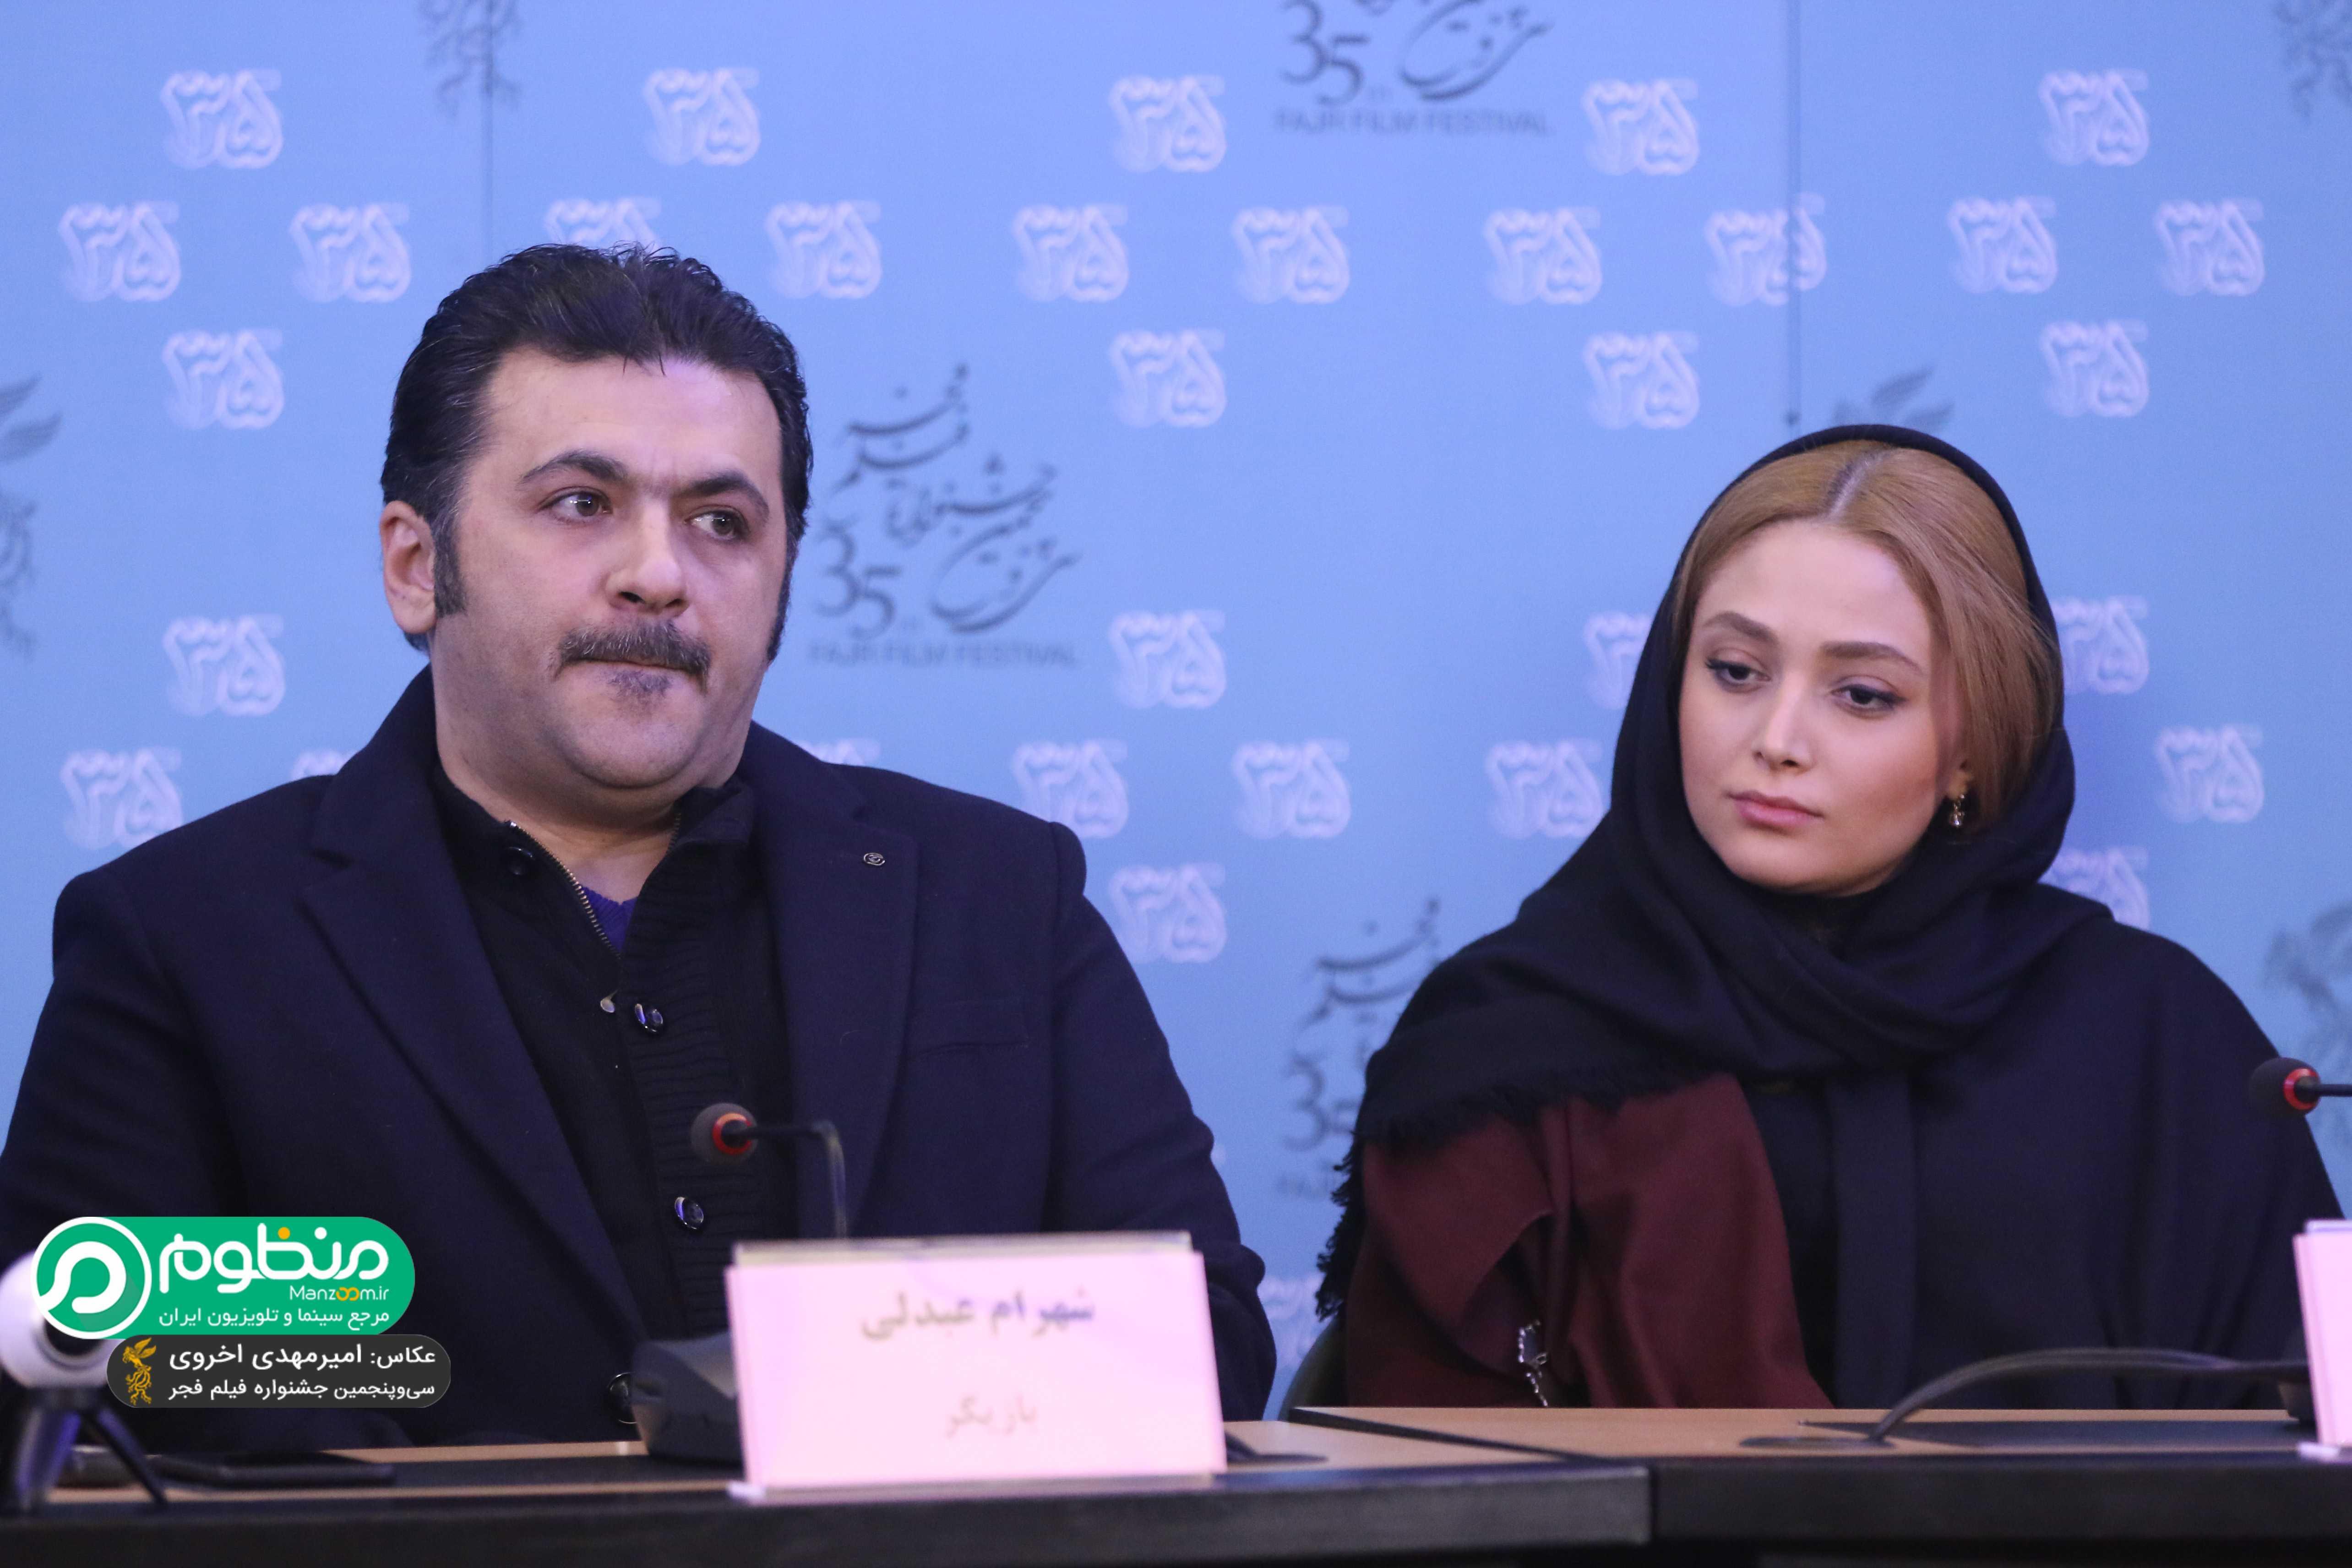 شهرام عبدلی در نشست خبری فیلم سینمایی ماه گرفتگی به همراه نیلوفر وهابزادگان